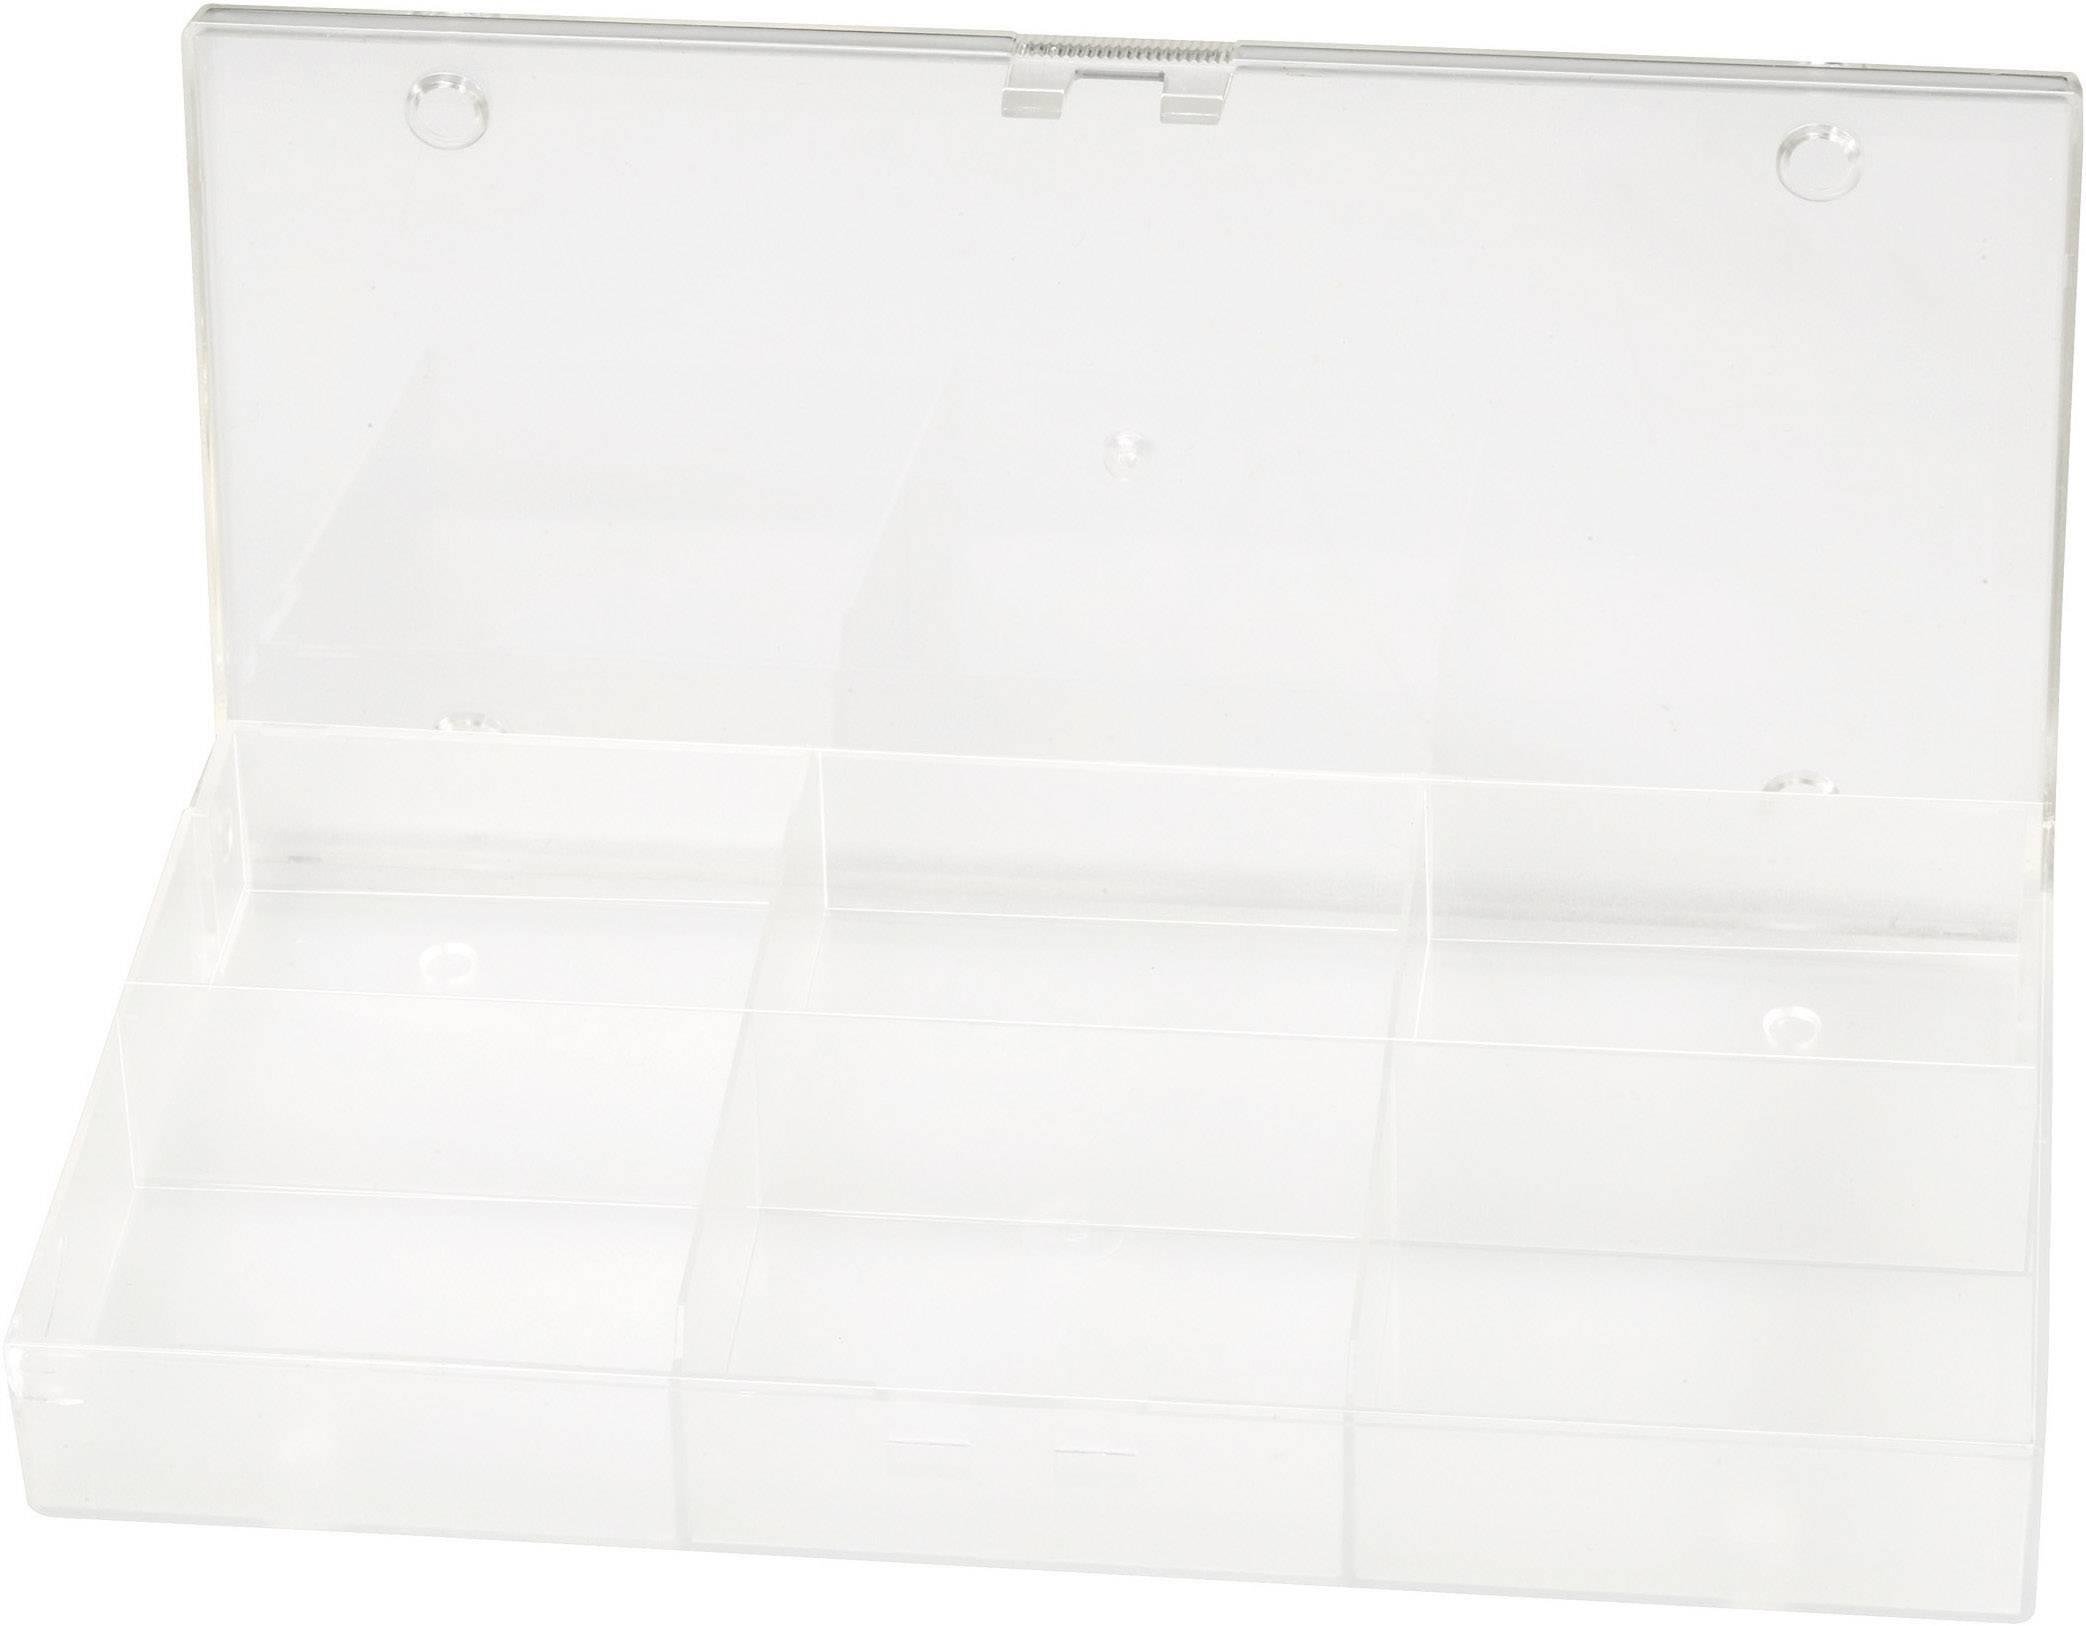 Zásobník na součástky průhledný - 6 příhrádek, 194 x 31 x 101 mm